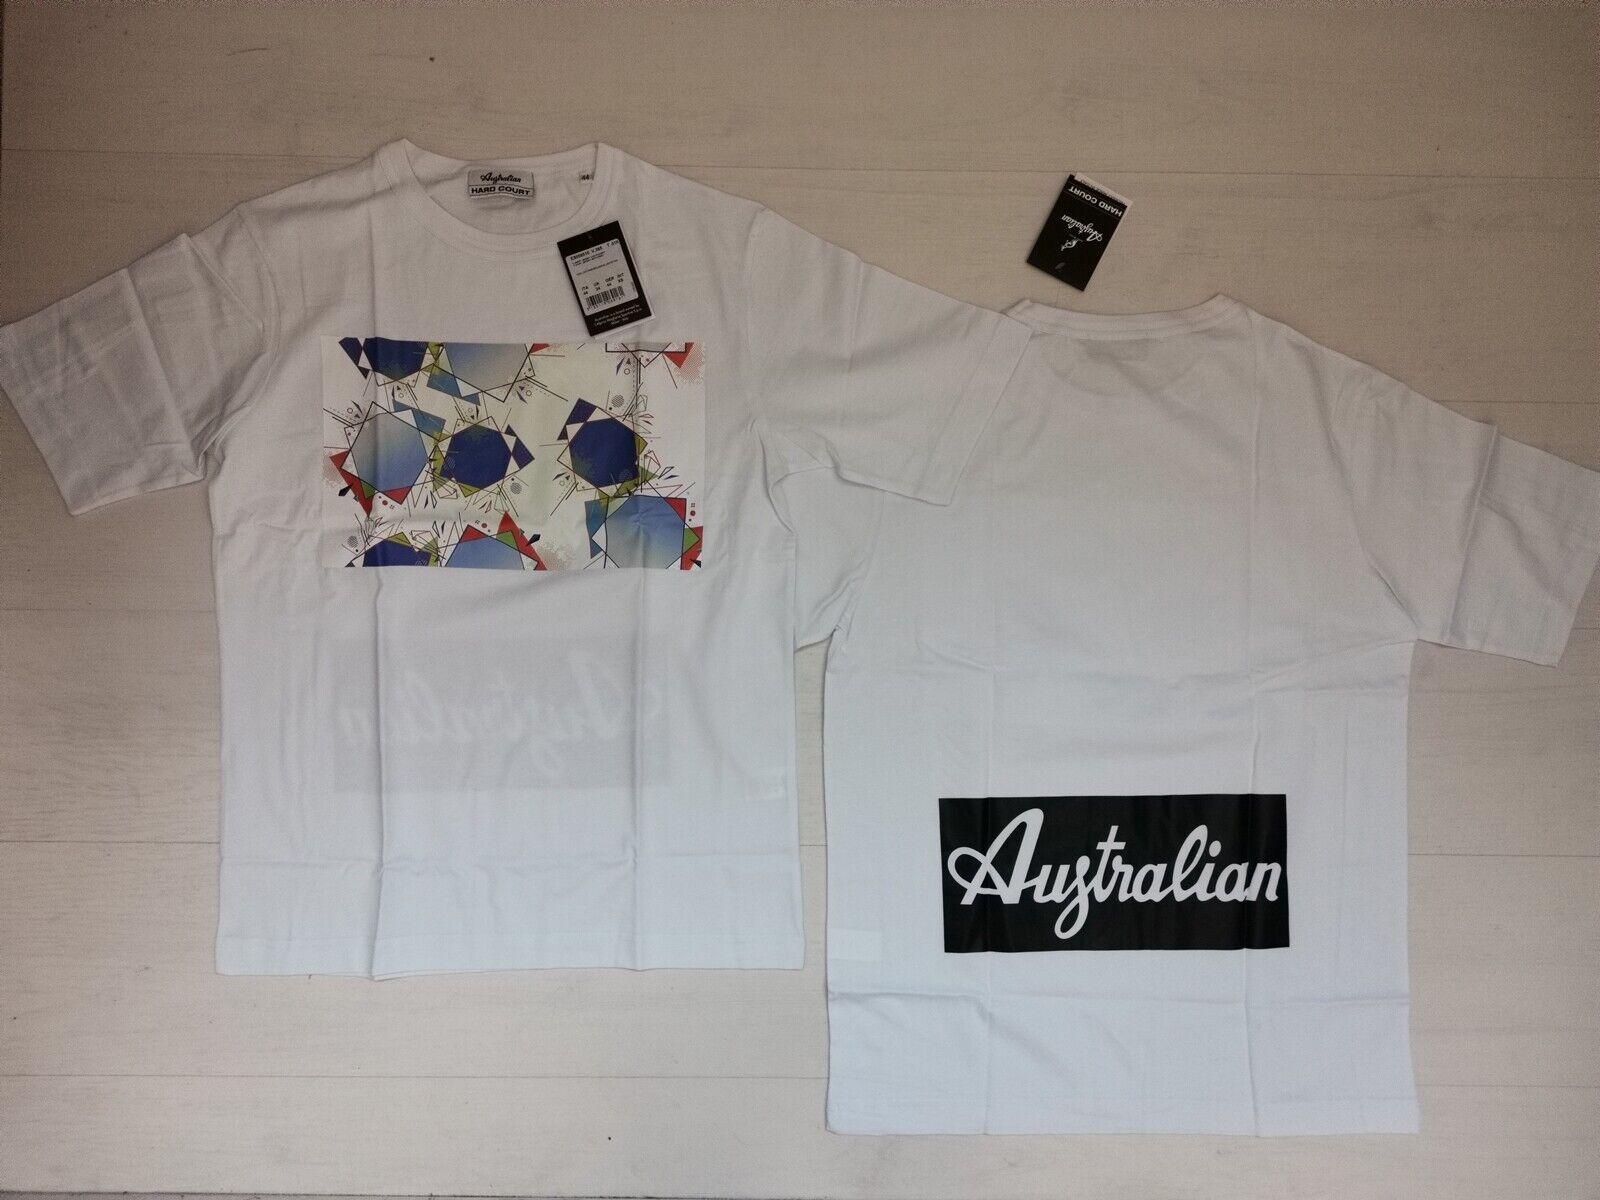 6097 AUSTRALIAN T-Shirt Gabber Hardcore HC Fernandez E9058510 365